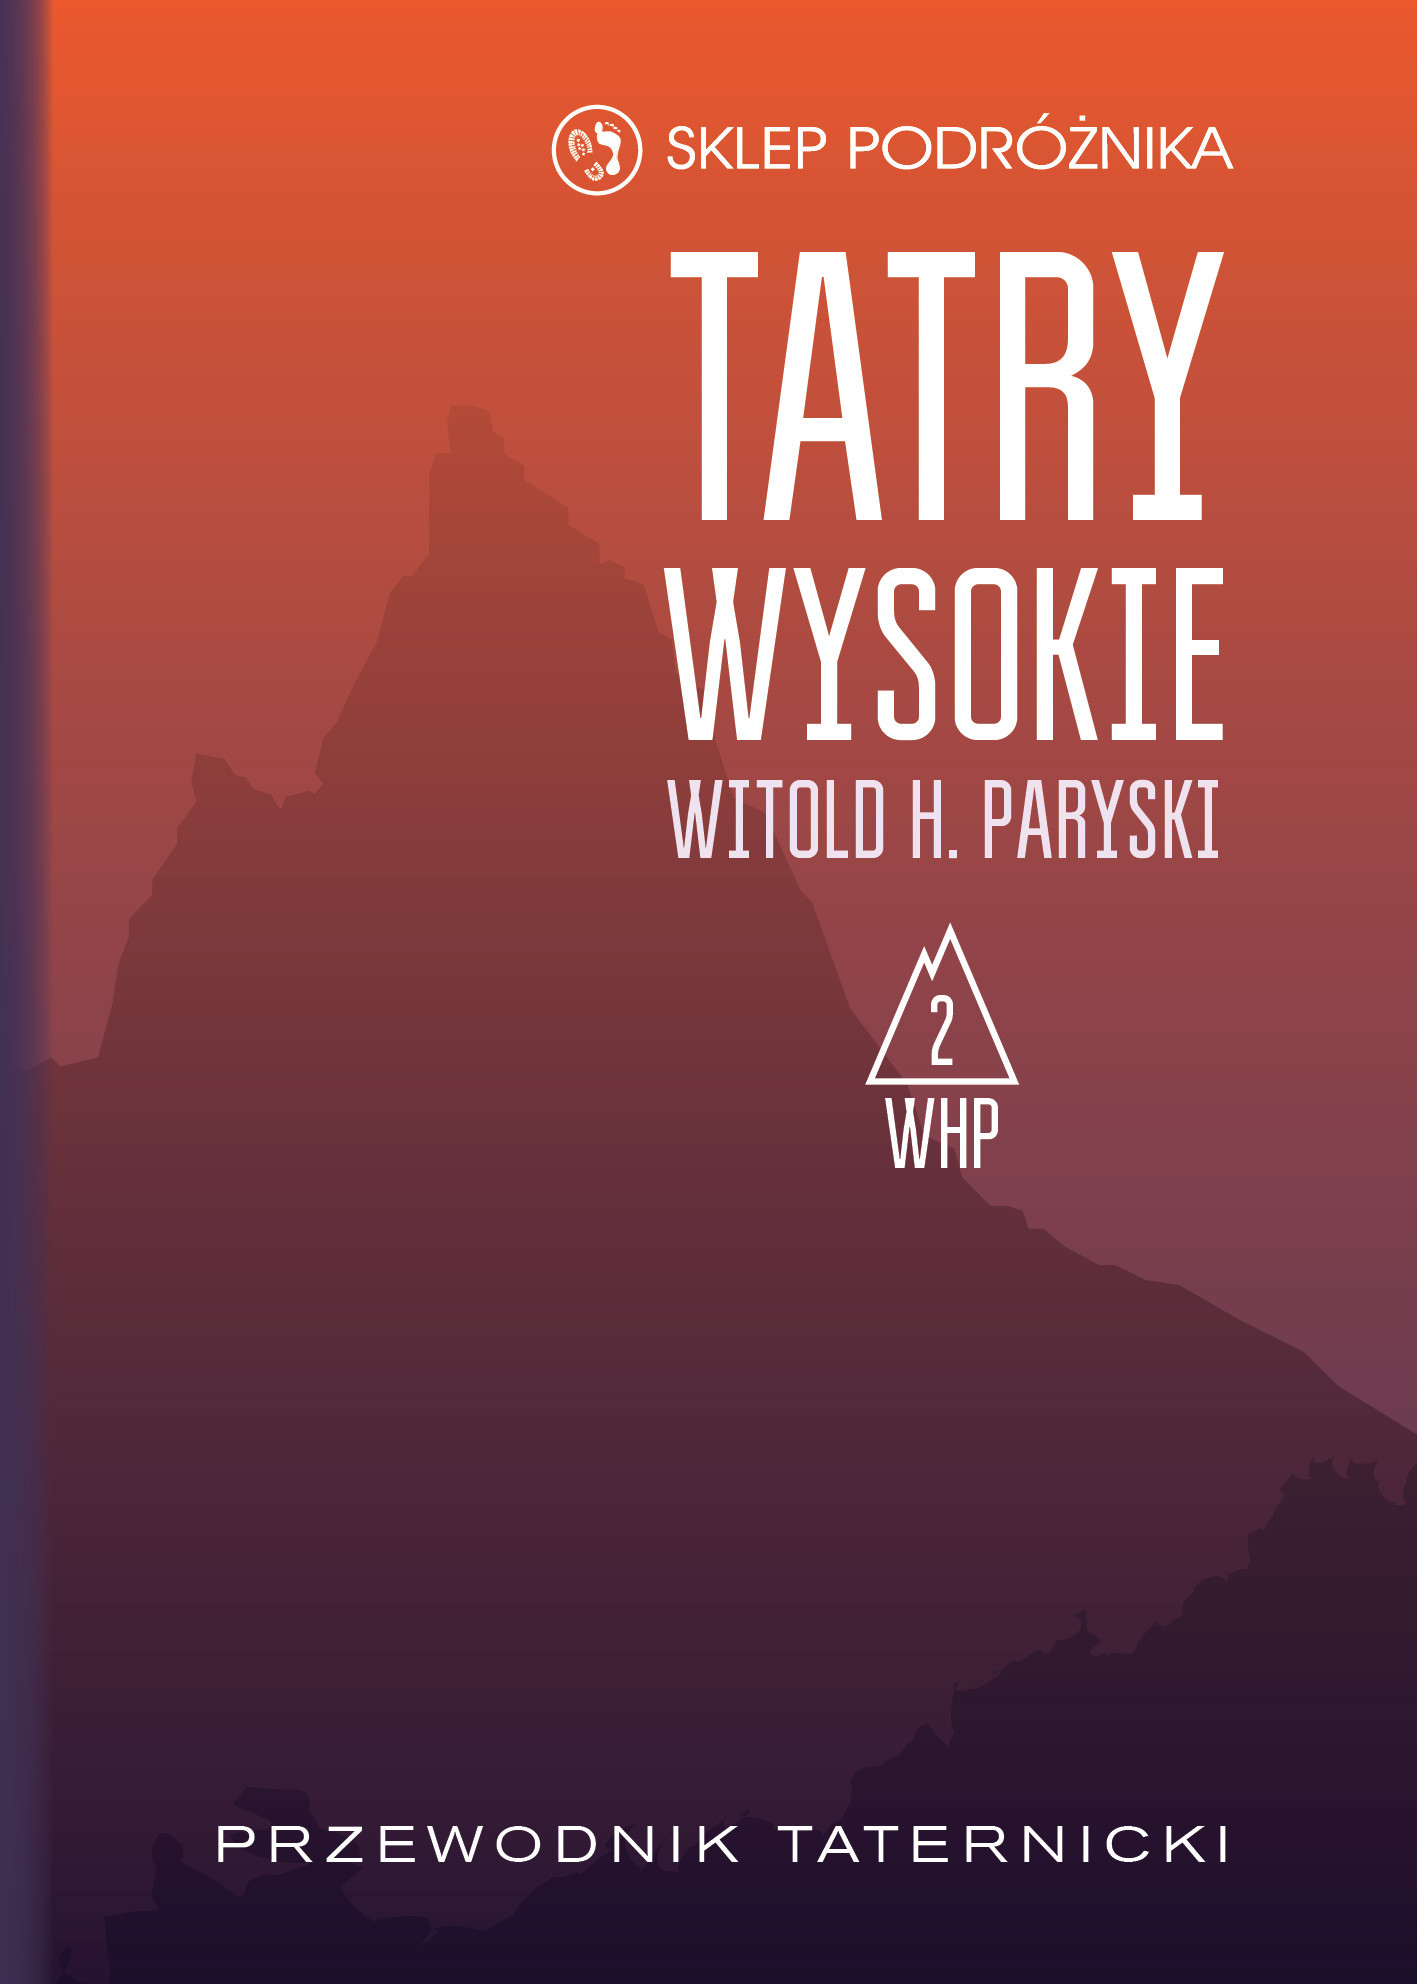 Tatry Wysokie. Przewodnik taternicki t. 2